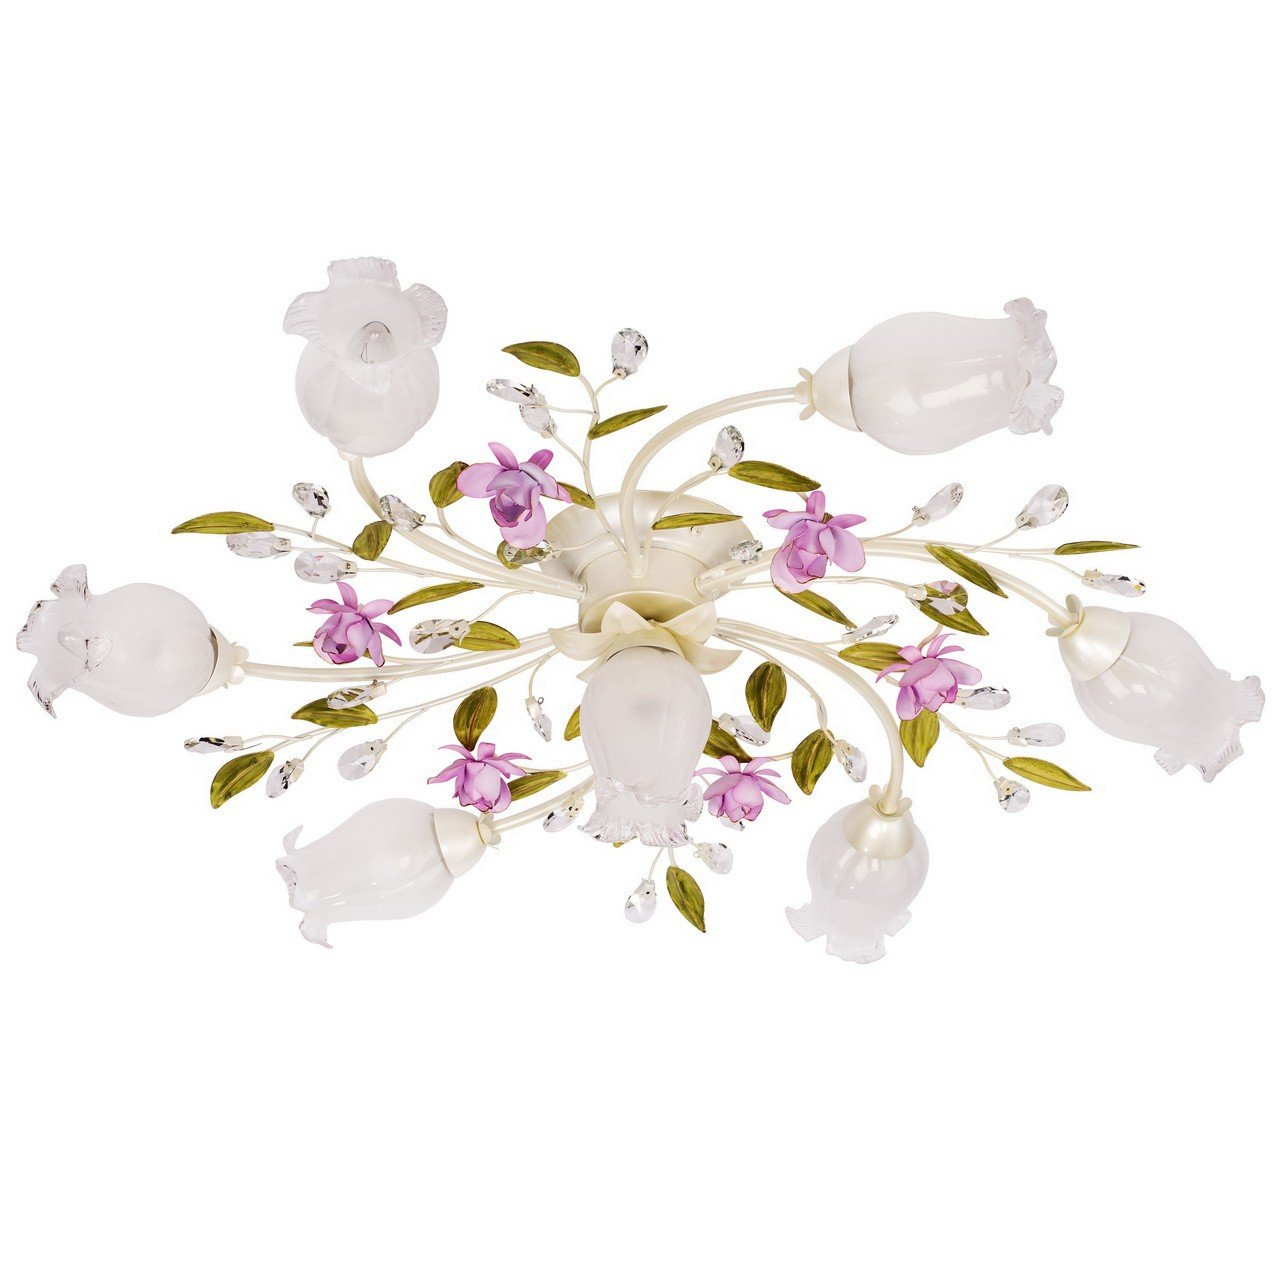 Kronleuchter Deckenleuchte Blumenform klassisch Kristall klar Chic-Stil Ø82cm 7-flammig exkl. E14 7x40W 230V